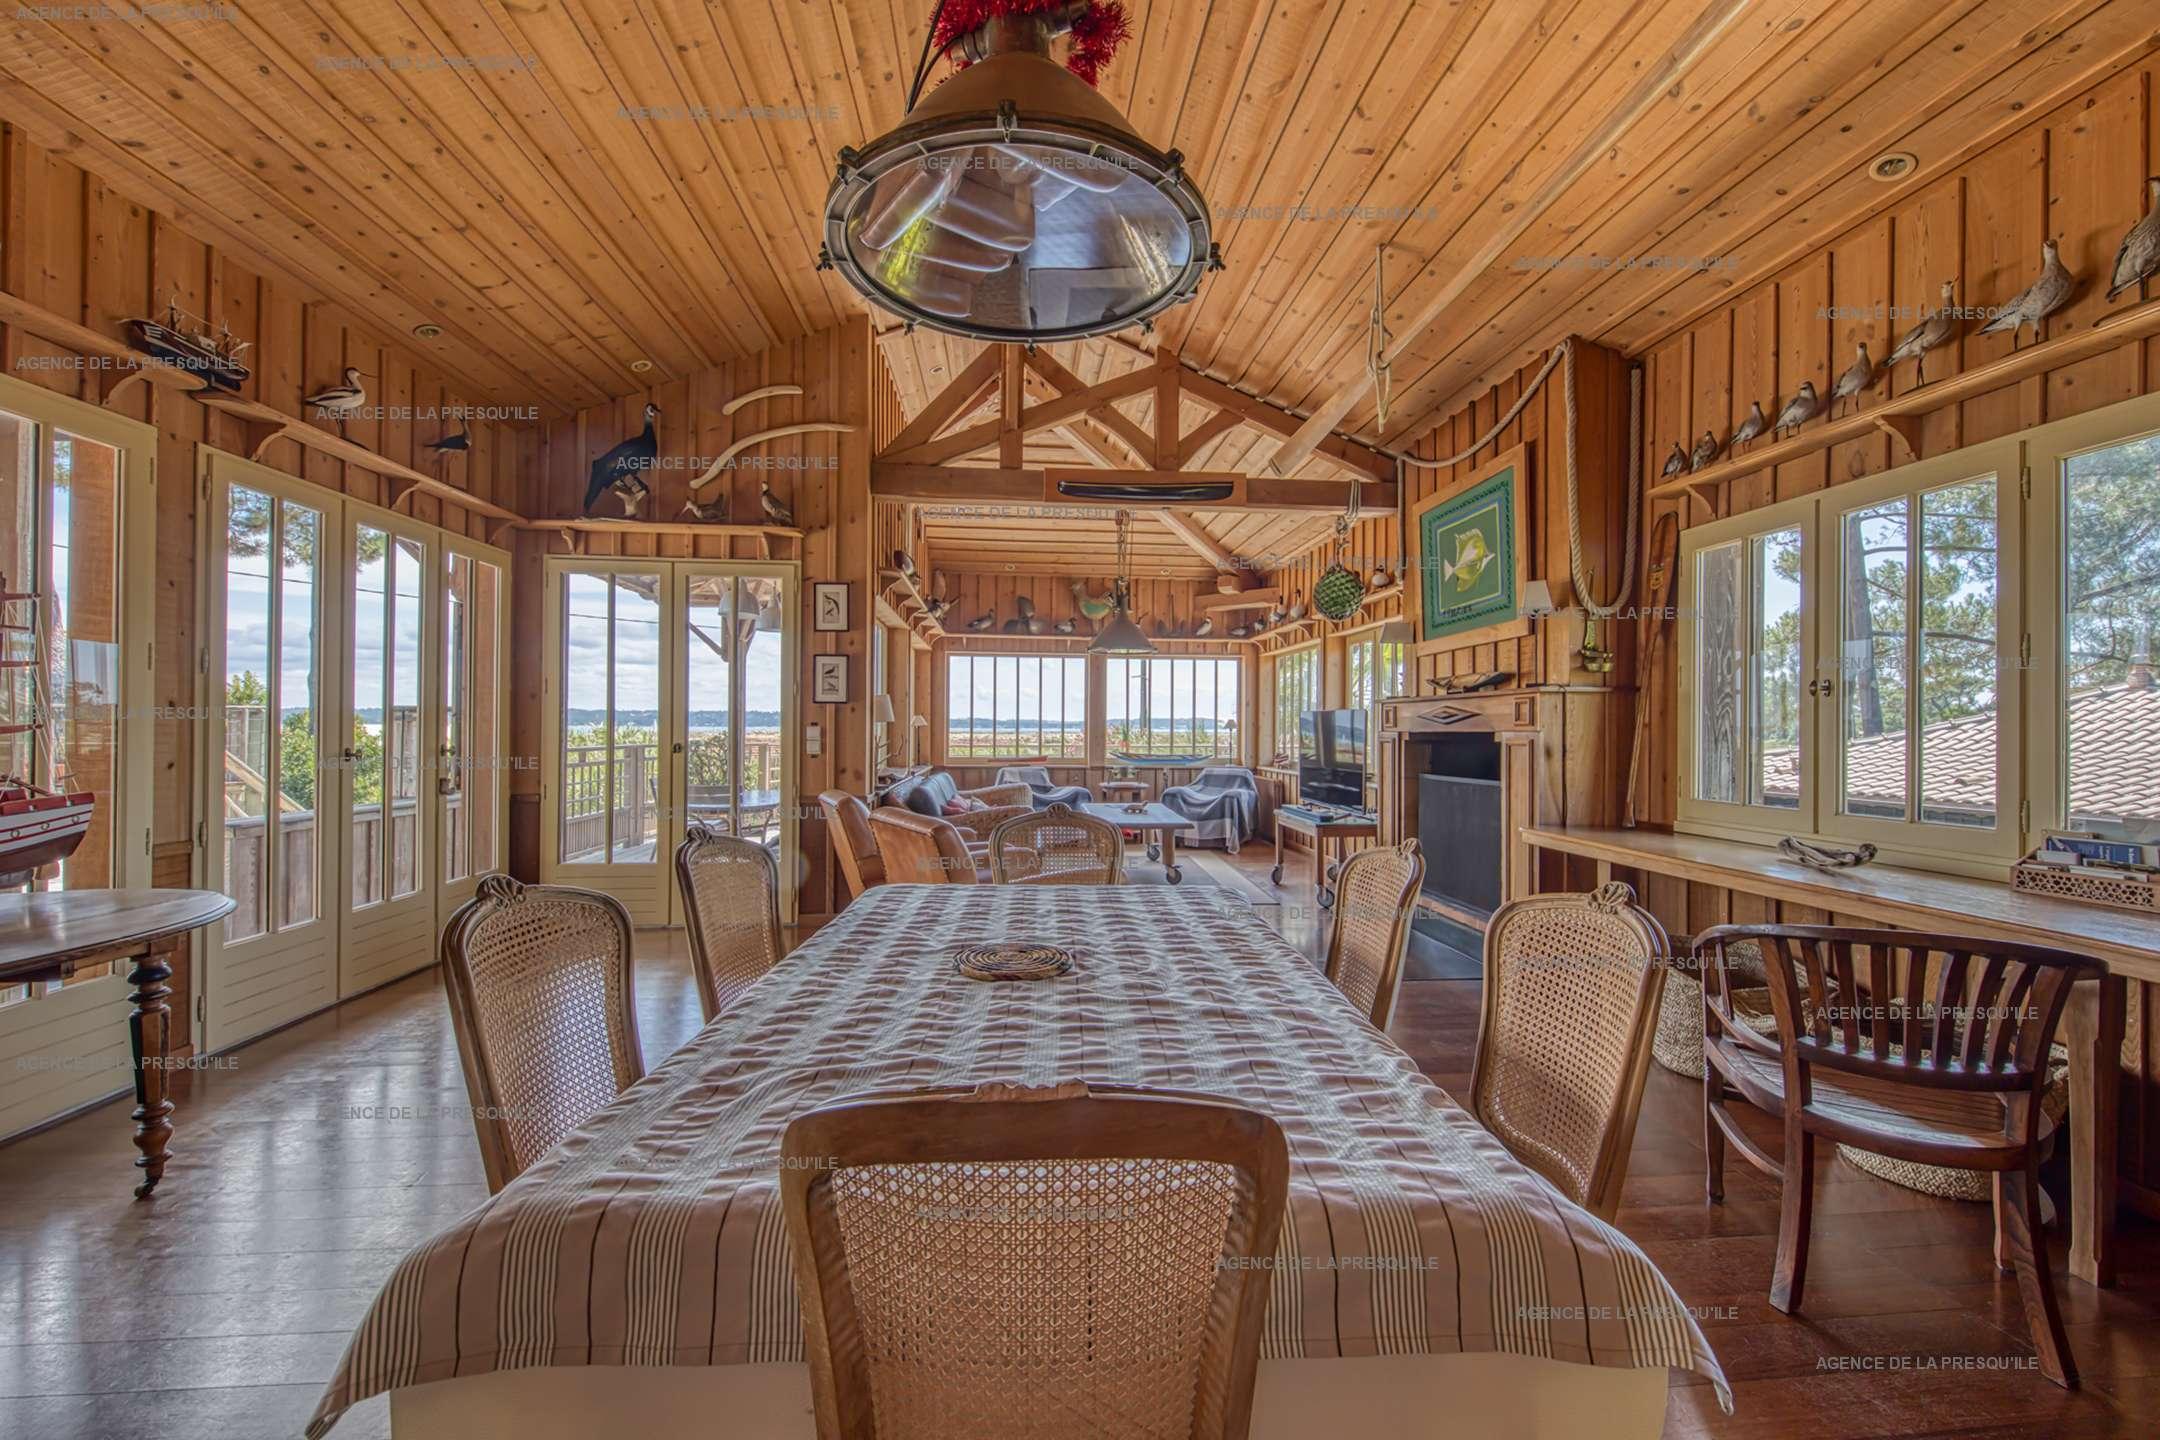 Location: Très belle villa en bois avec vue panoramique sur le bassin 7